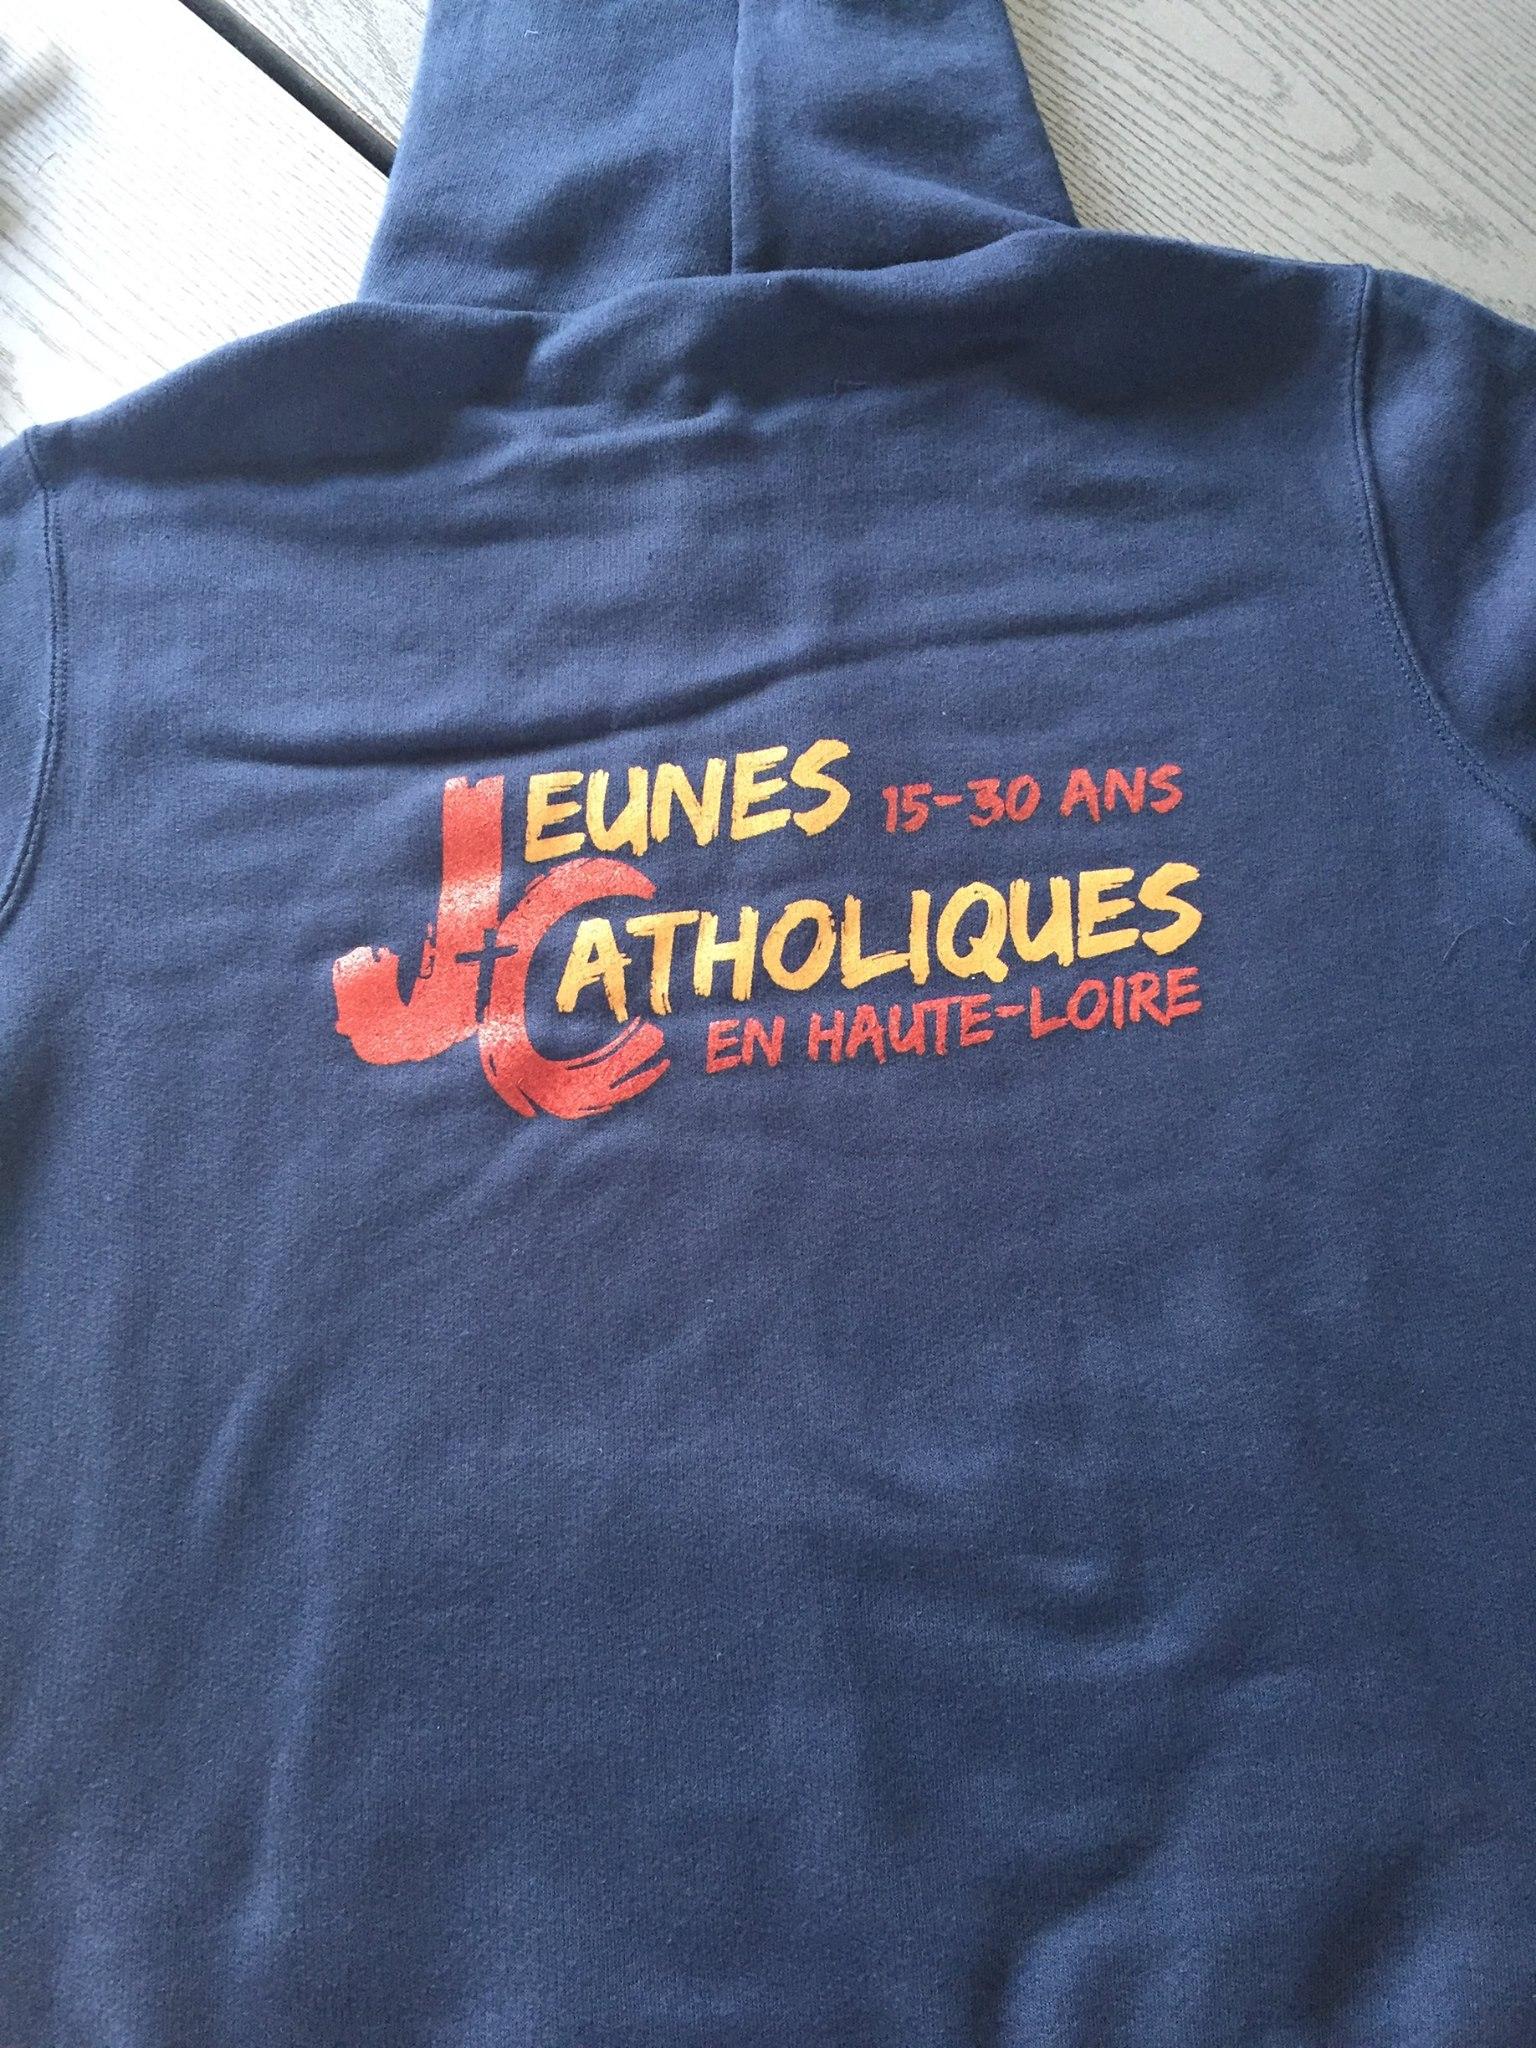 Jeunes Catholiques en Haute Loire : t-shirt